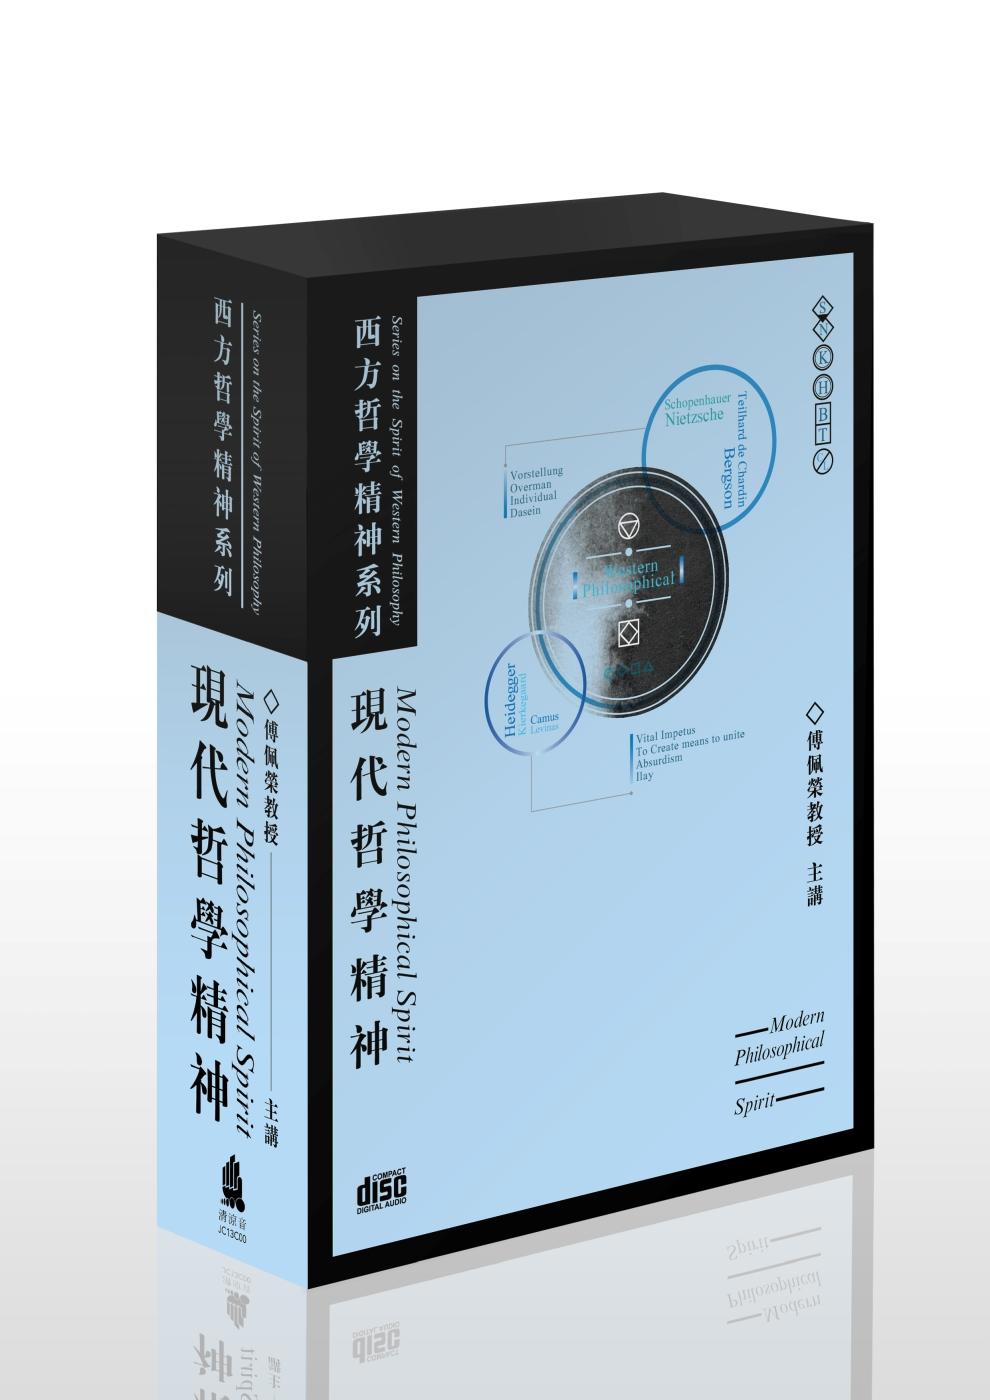 現代哲學精神(無書,8片CD)